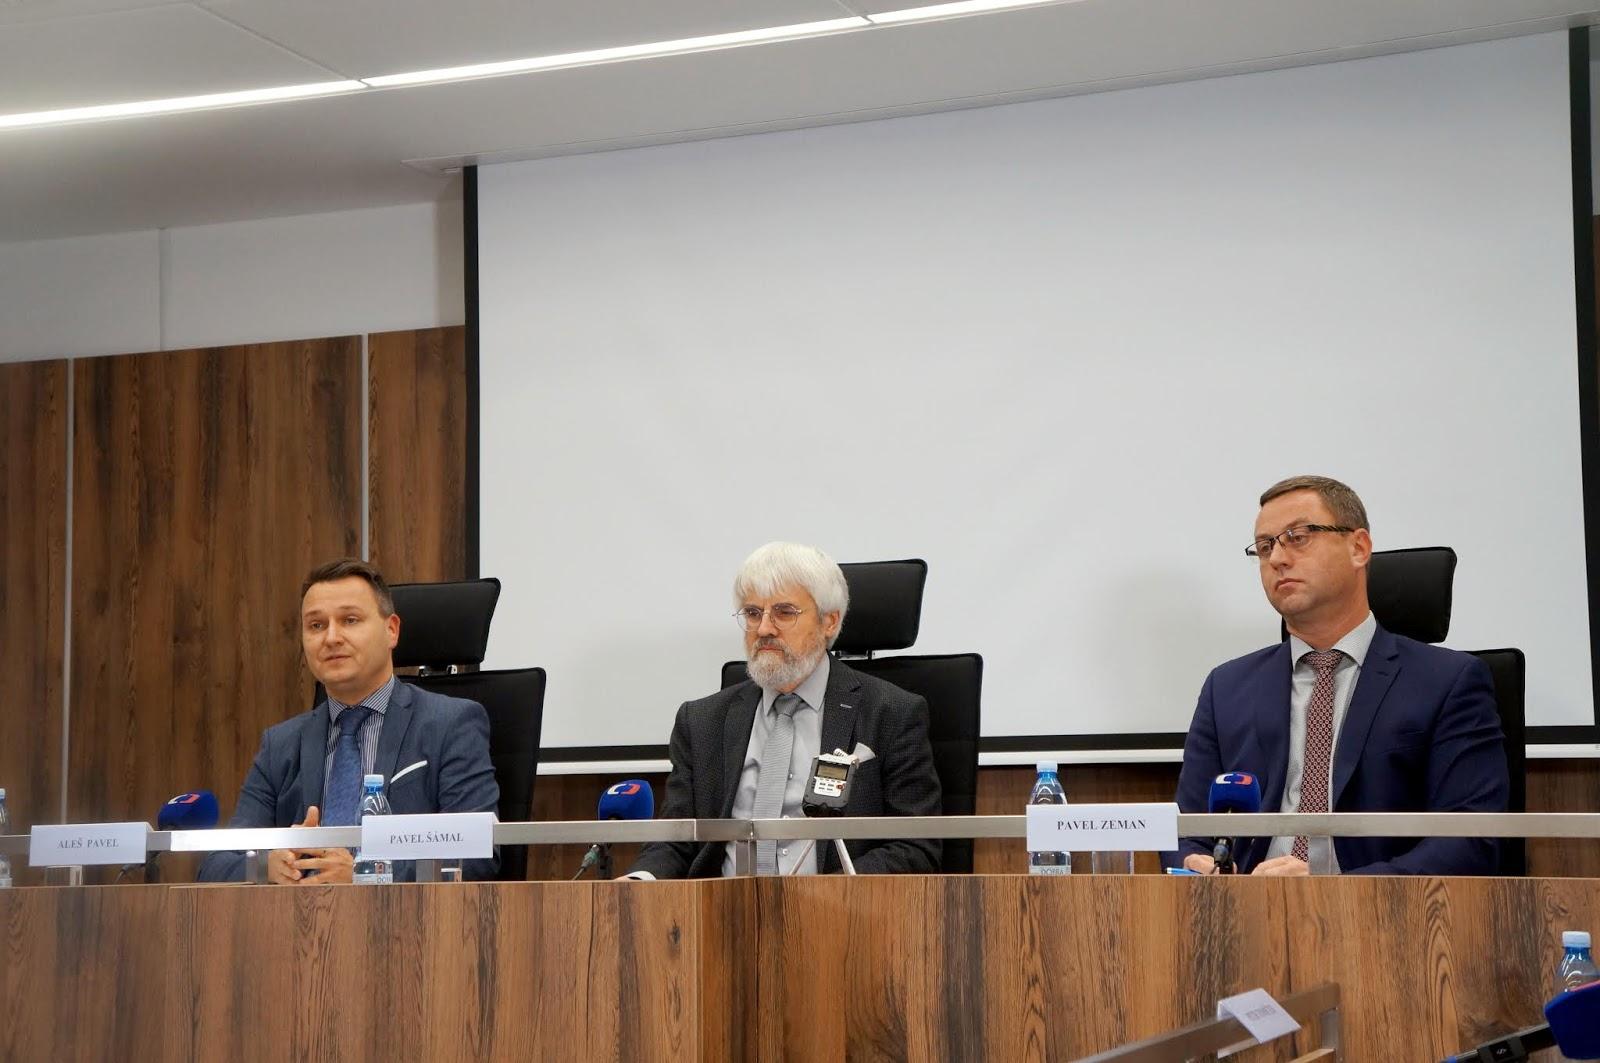 Pavel Šámal, Pavel Zeman a Aleš Pavel na tiskové konferenci Nejvyššího soudu. Foto: Sára Jeschkeová